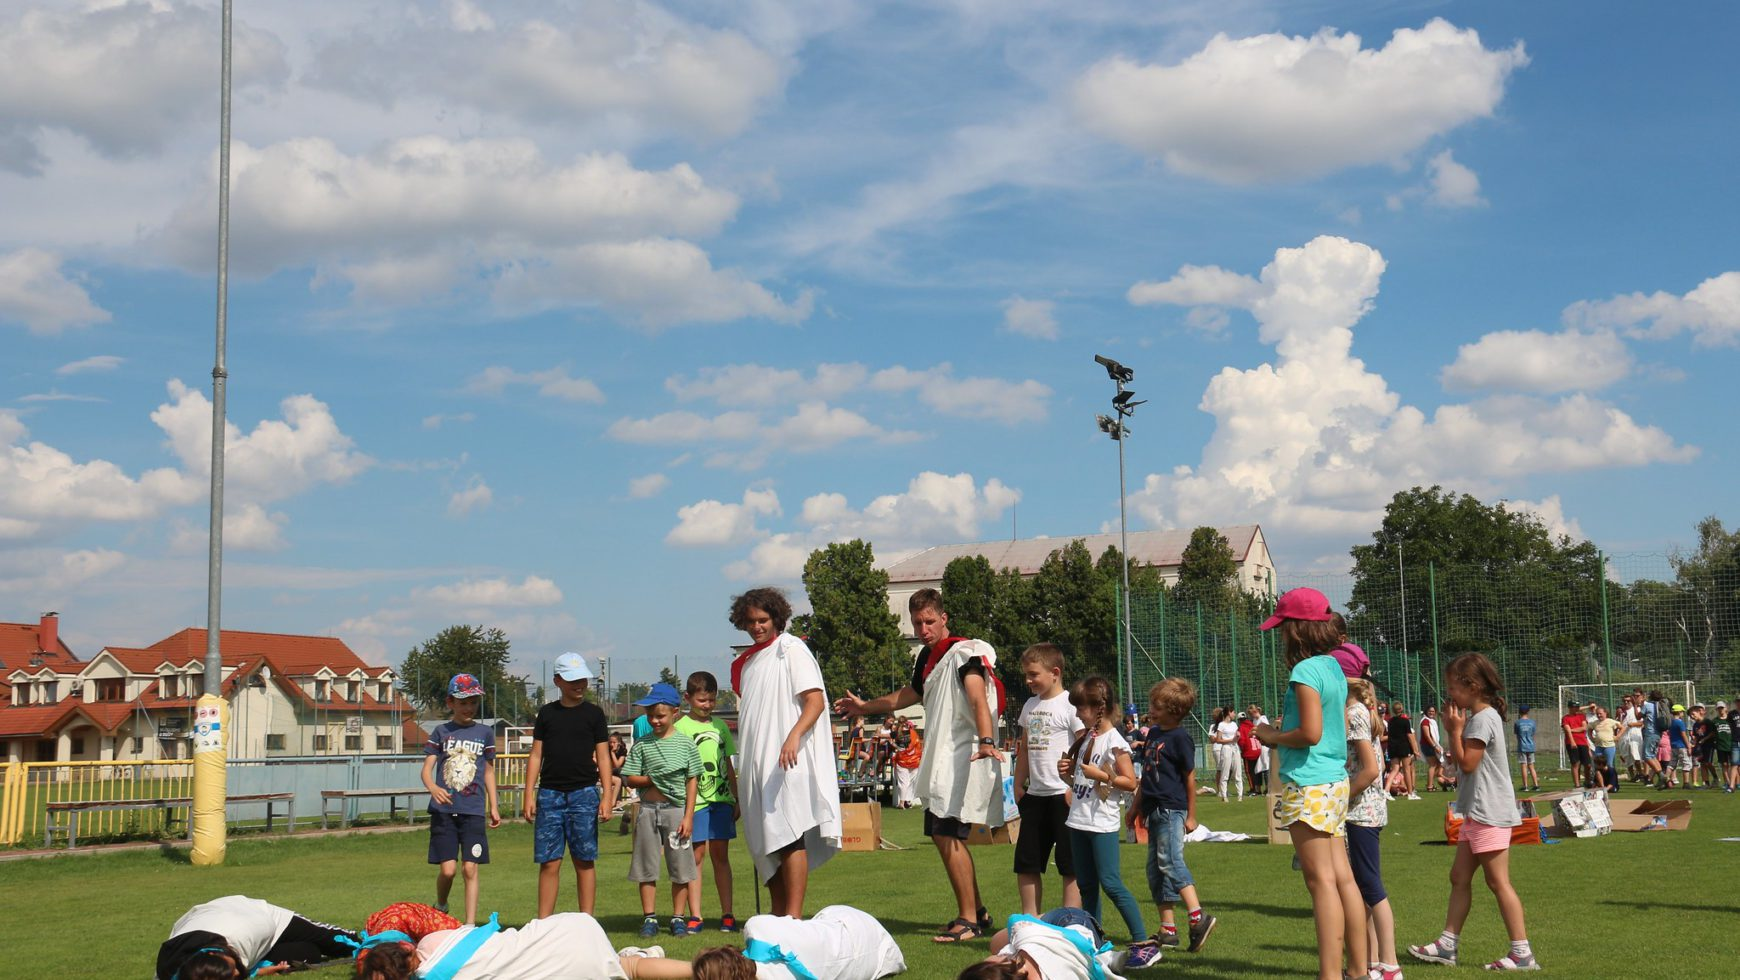 Júl s Trnávkou 3. turnus 1. deň | Ahoj Odyseus!